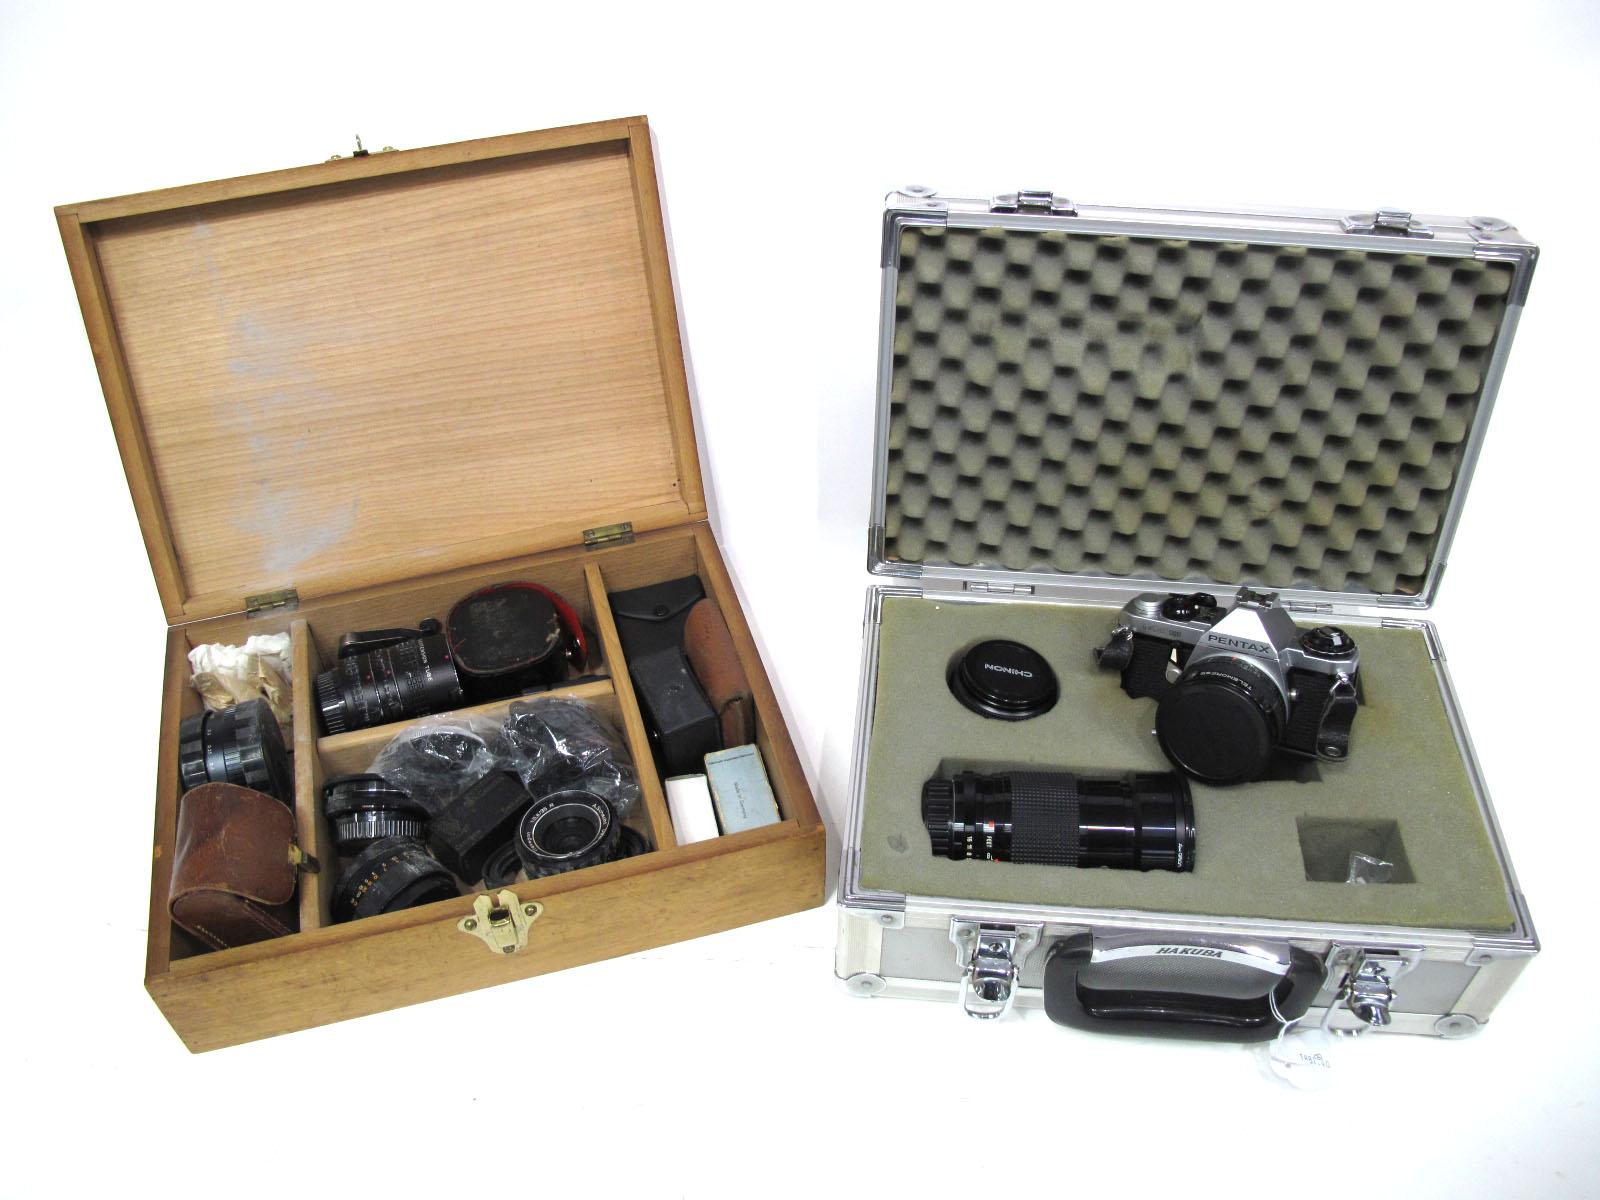 Pentax Camera M.E Super, with lens, Super Orion Skylight (1A) 67mm lens, Chinon Auto 50mm lens,